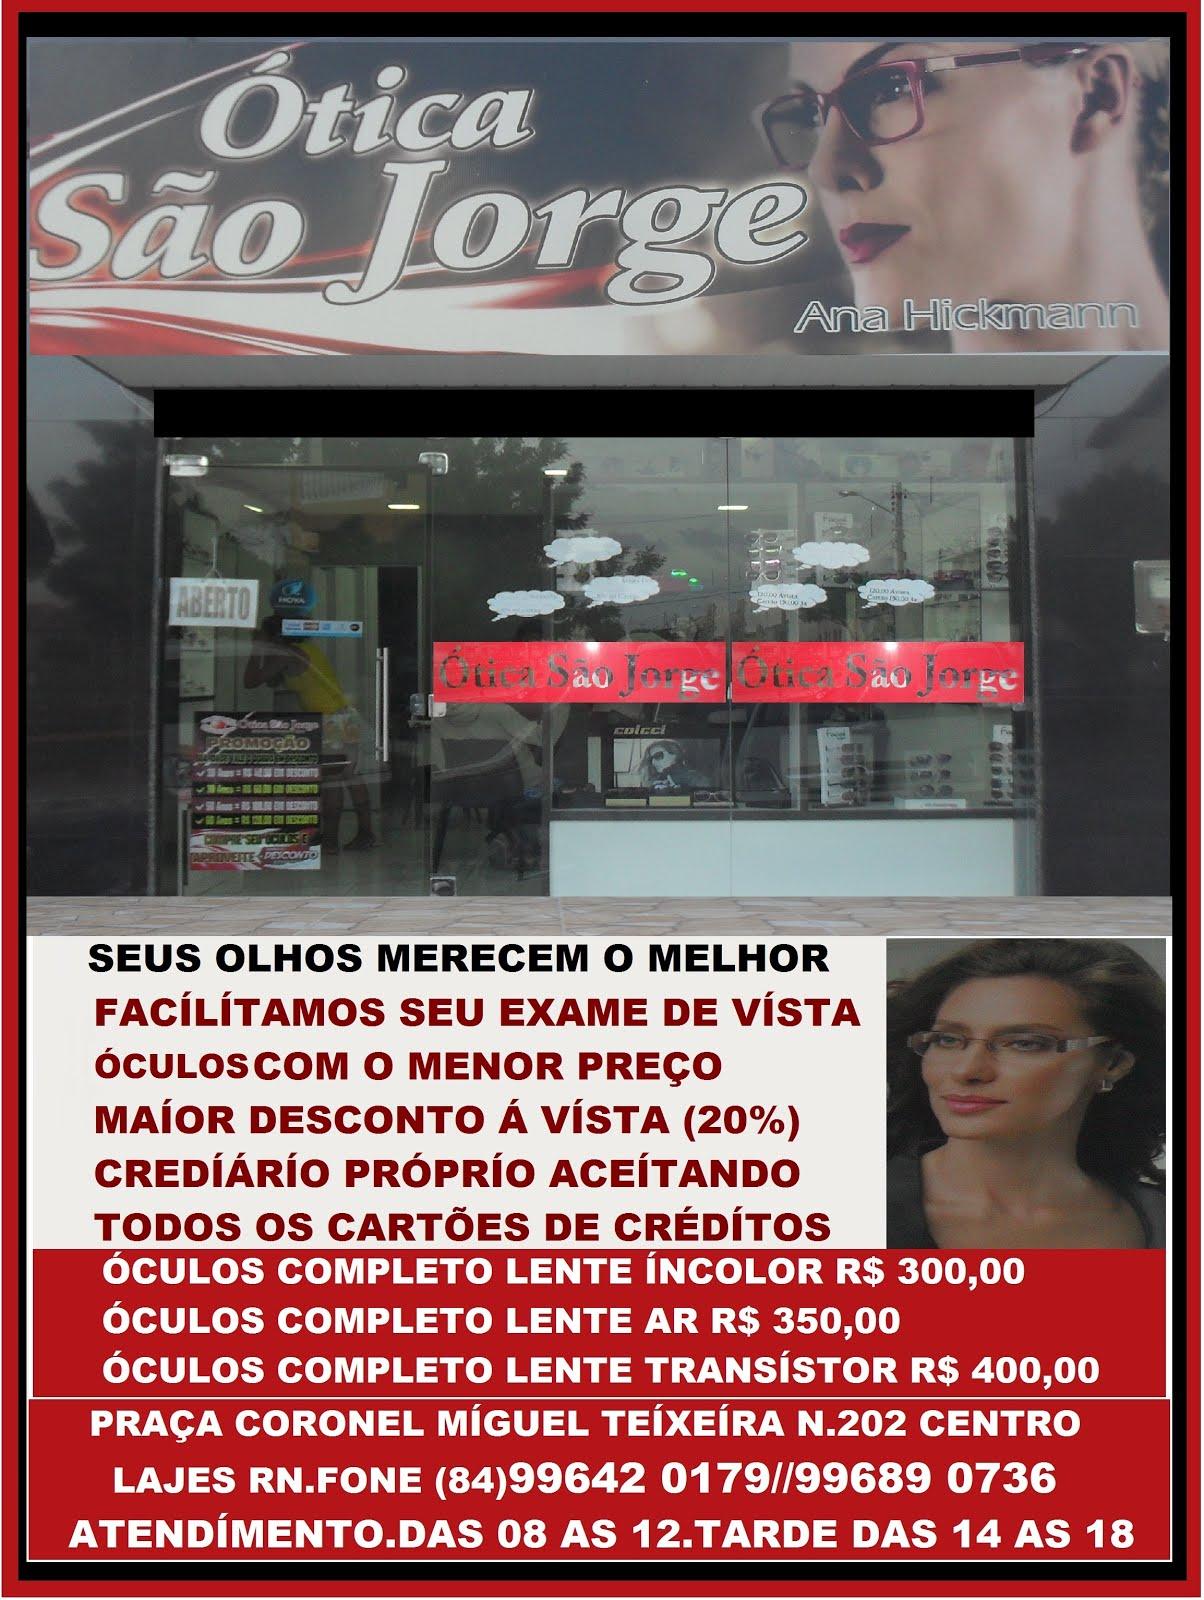 ÓTICA SÃO JORGE SEUS OLHOS MERECEM O MELHOR